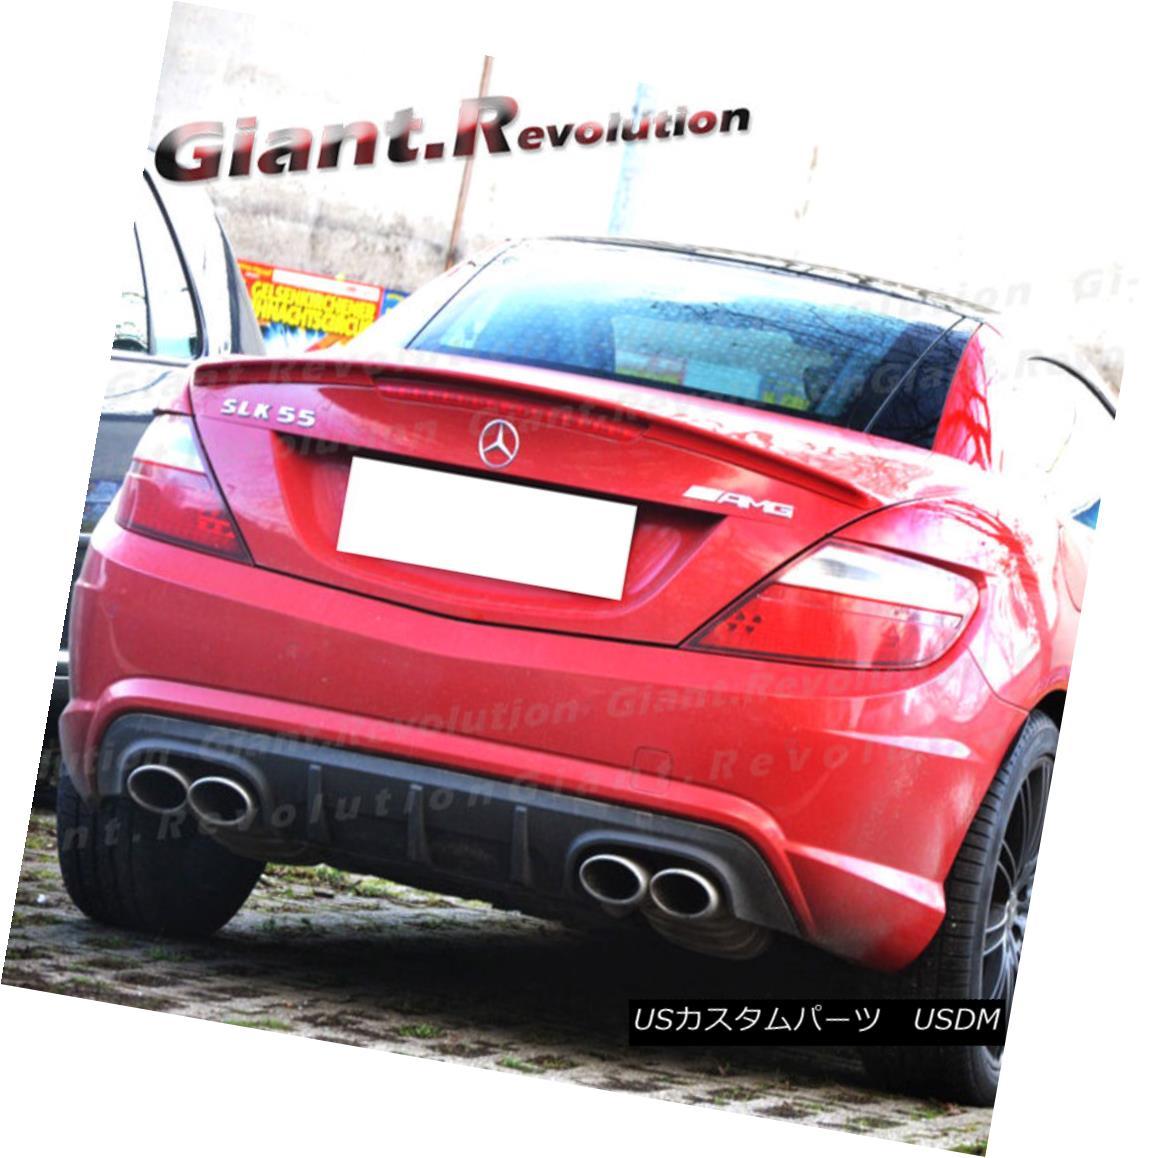 エアロパーツ Fit 2011-15 M Benz R172 SLK55 AMG SLK250 COATED COLOR A Type Trunk Spoiler Wing Fit 2011-15 MベンツR172 SLK55 AMG SLK250コートカラーAタイプトランクスポイラーウイング